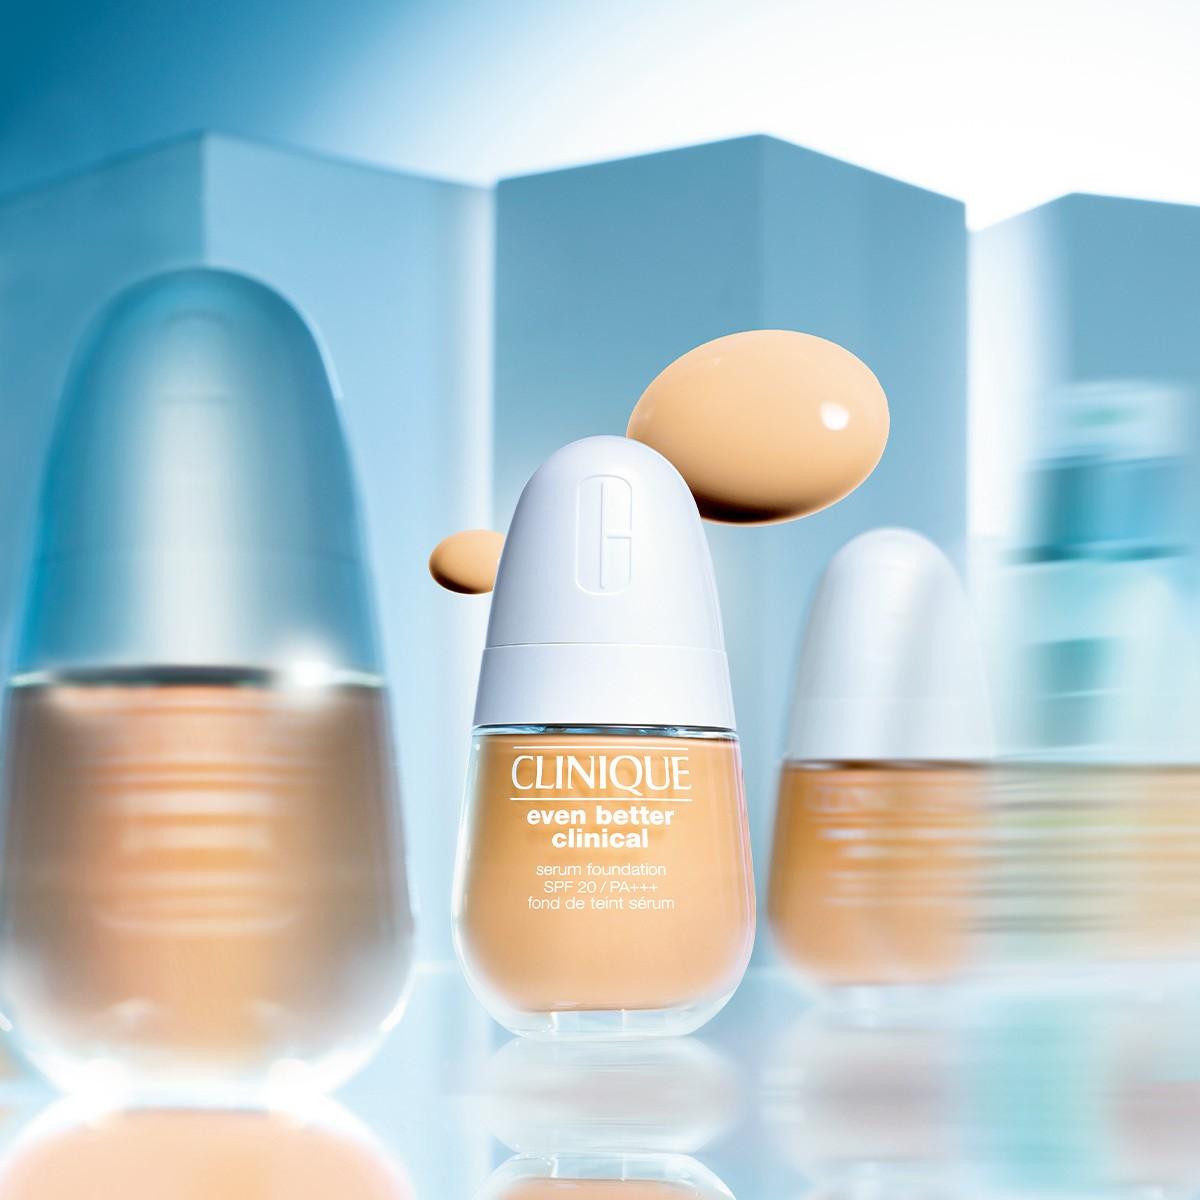 みずみずしい輝きと透明感を目指す名コンビ クリニークの美しさを叶える「均一美肌」_3